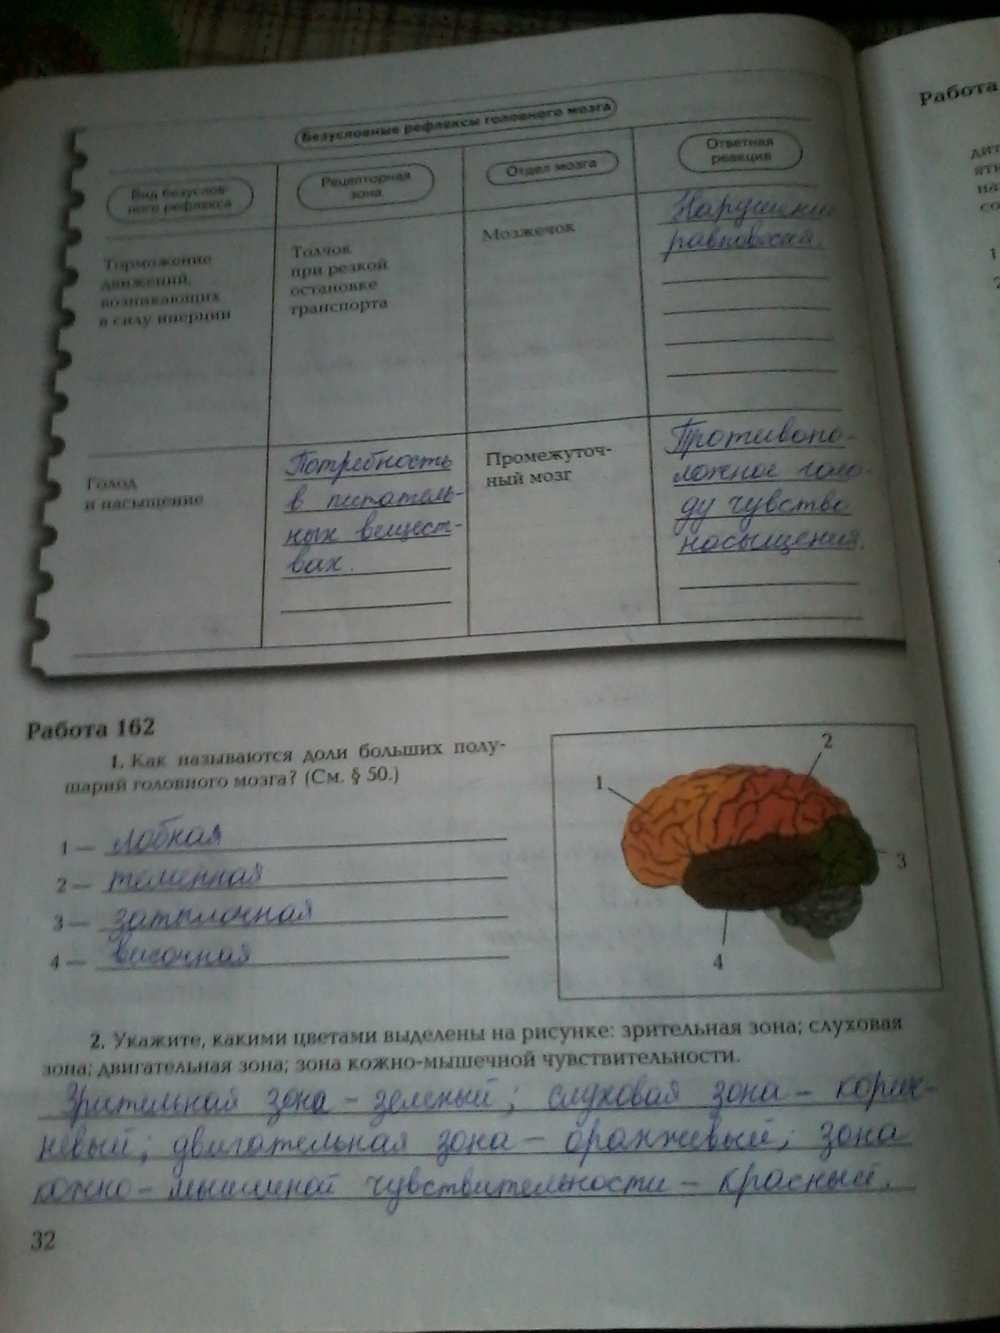 Биологии вопросы 8 по решебник класс драгомилов